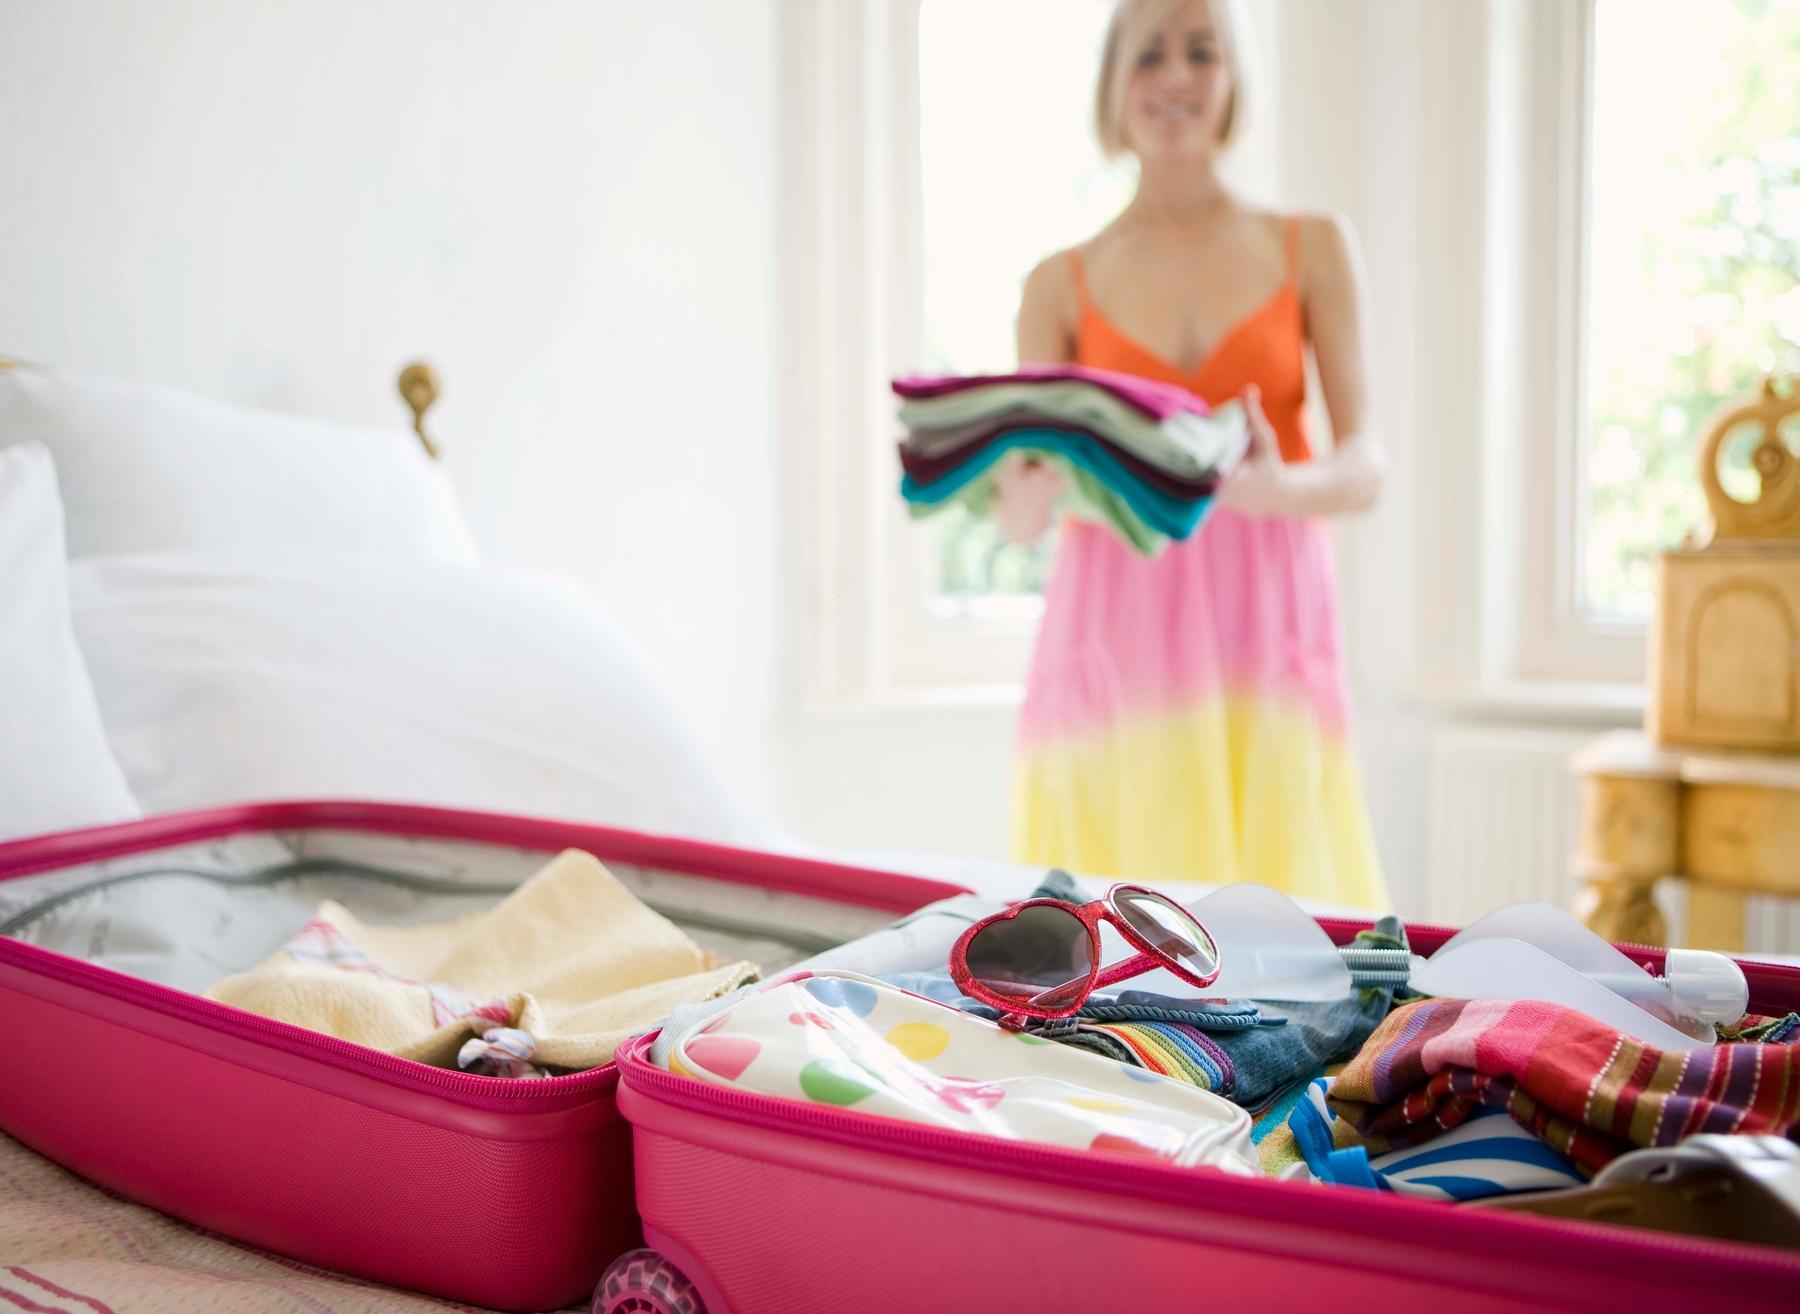 制定旅行清單和收納行李一直都是一門學問